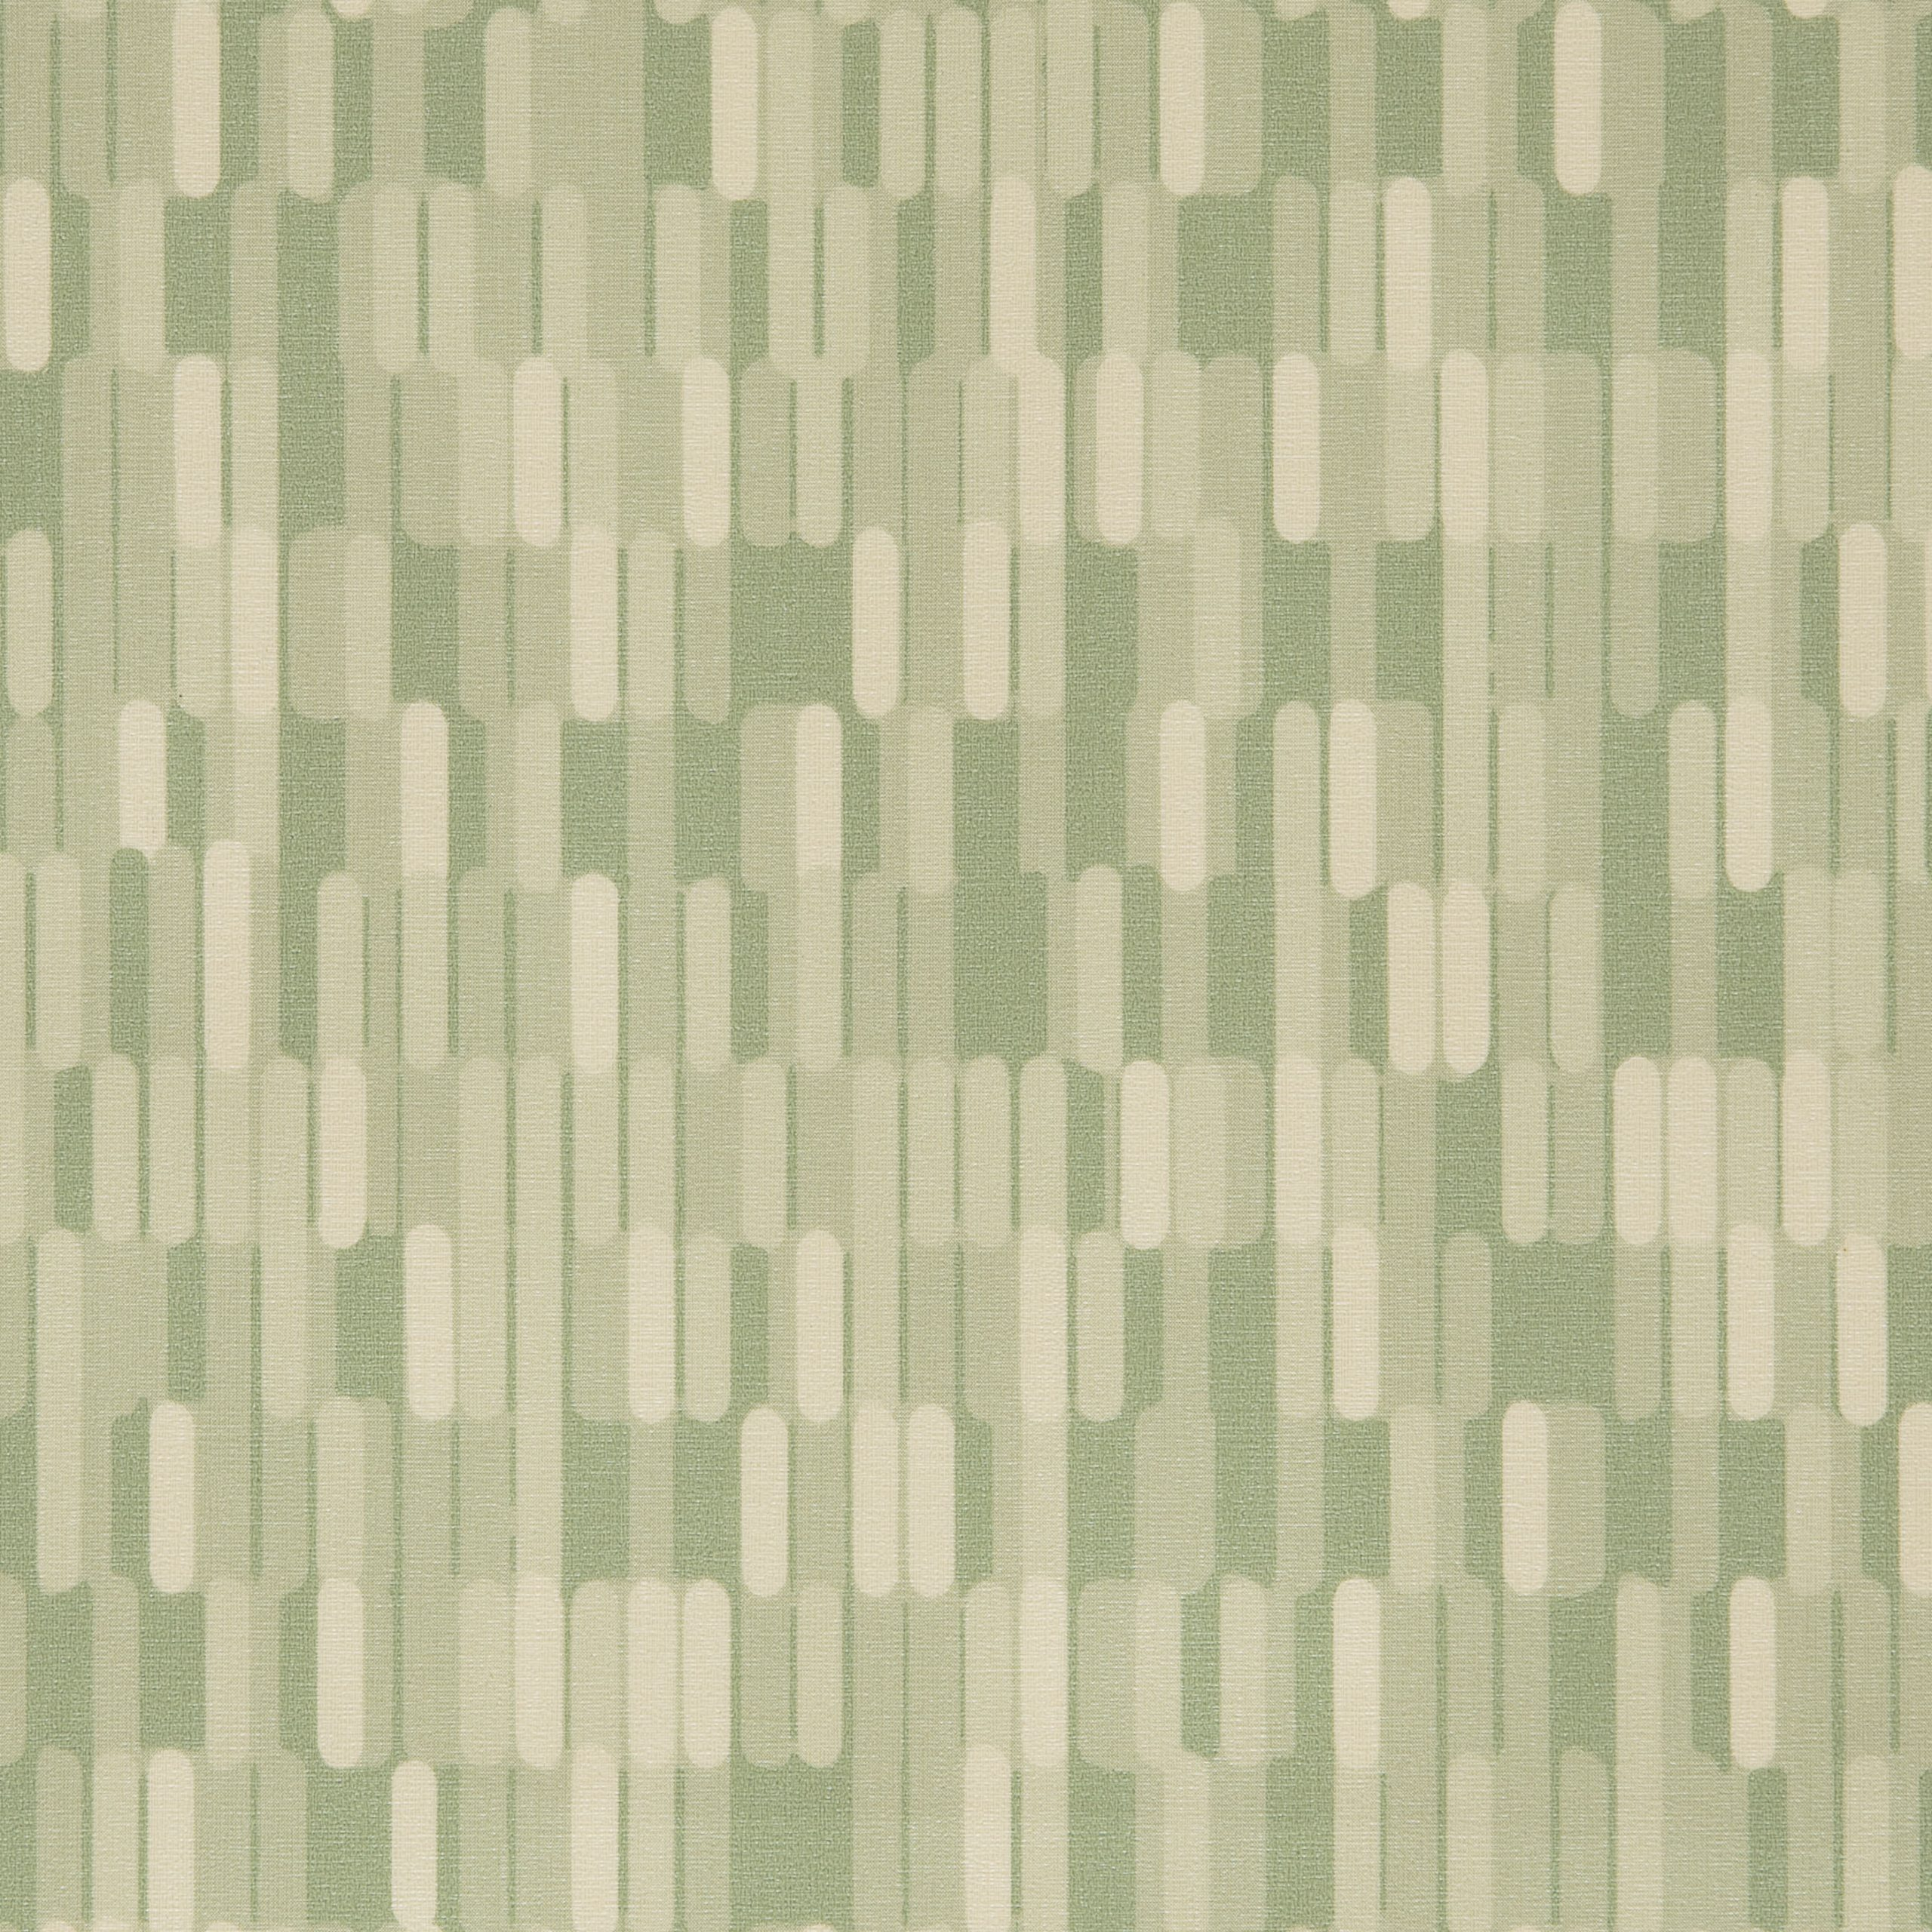 Cinema - Greenleaf